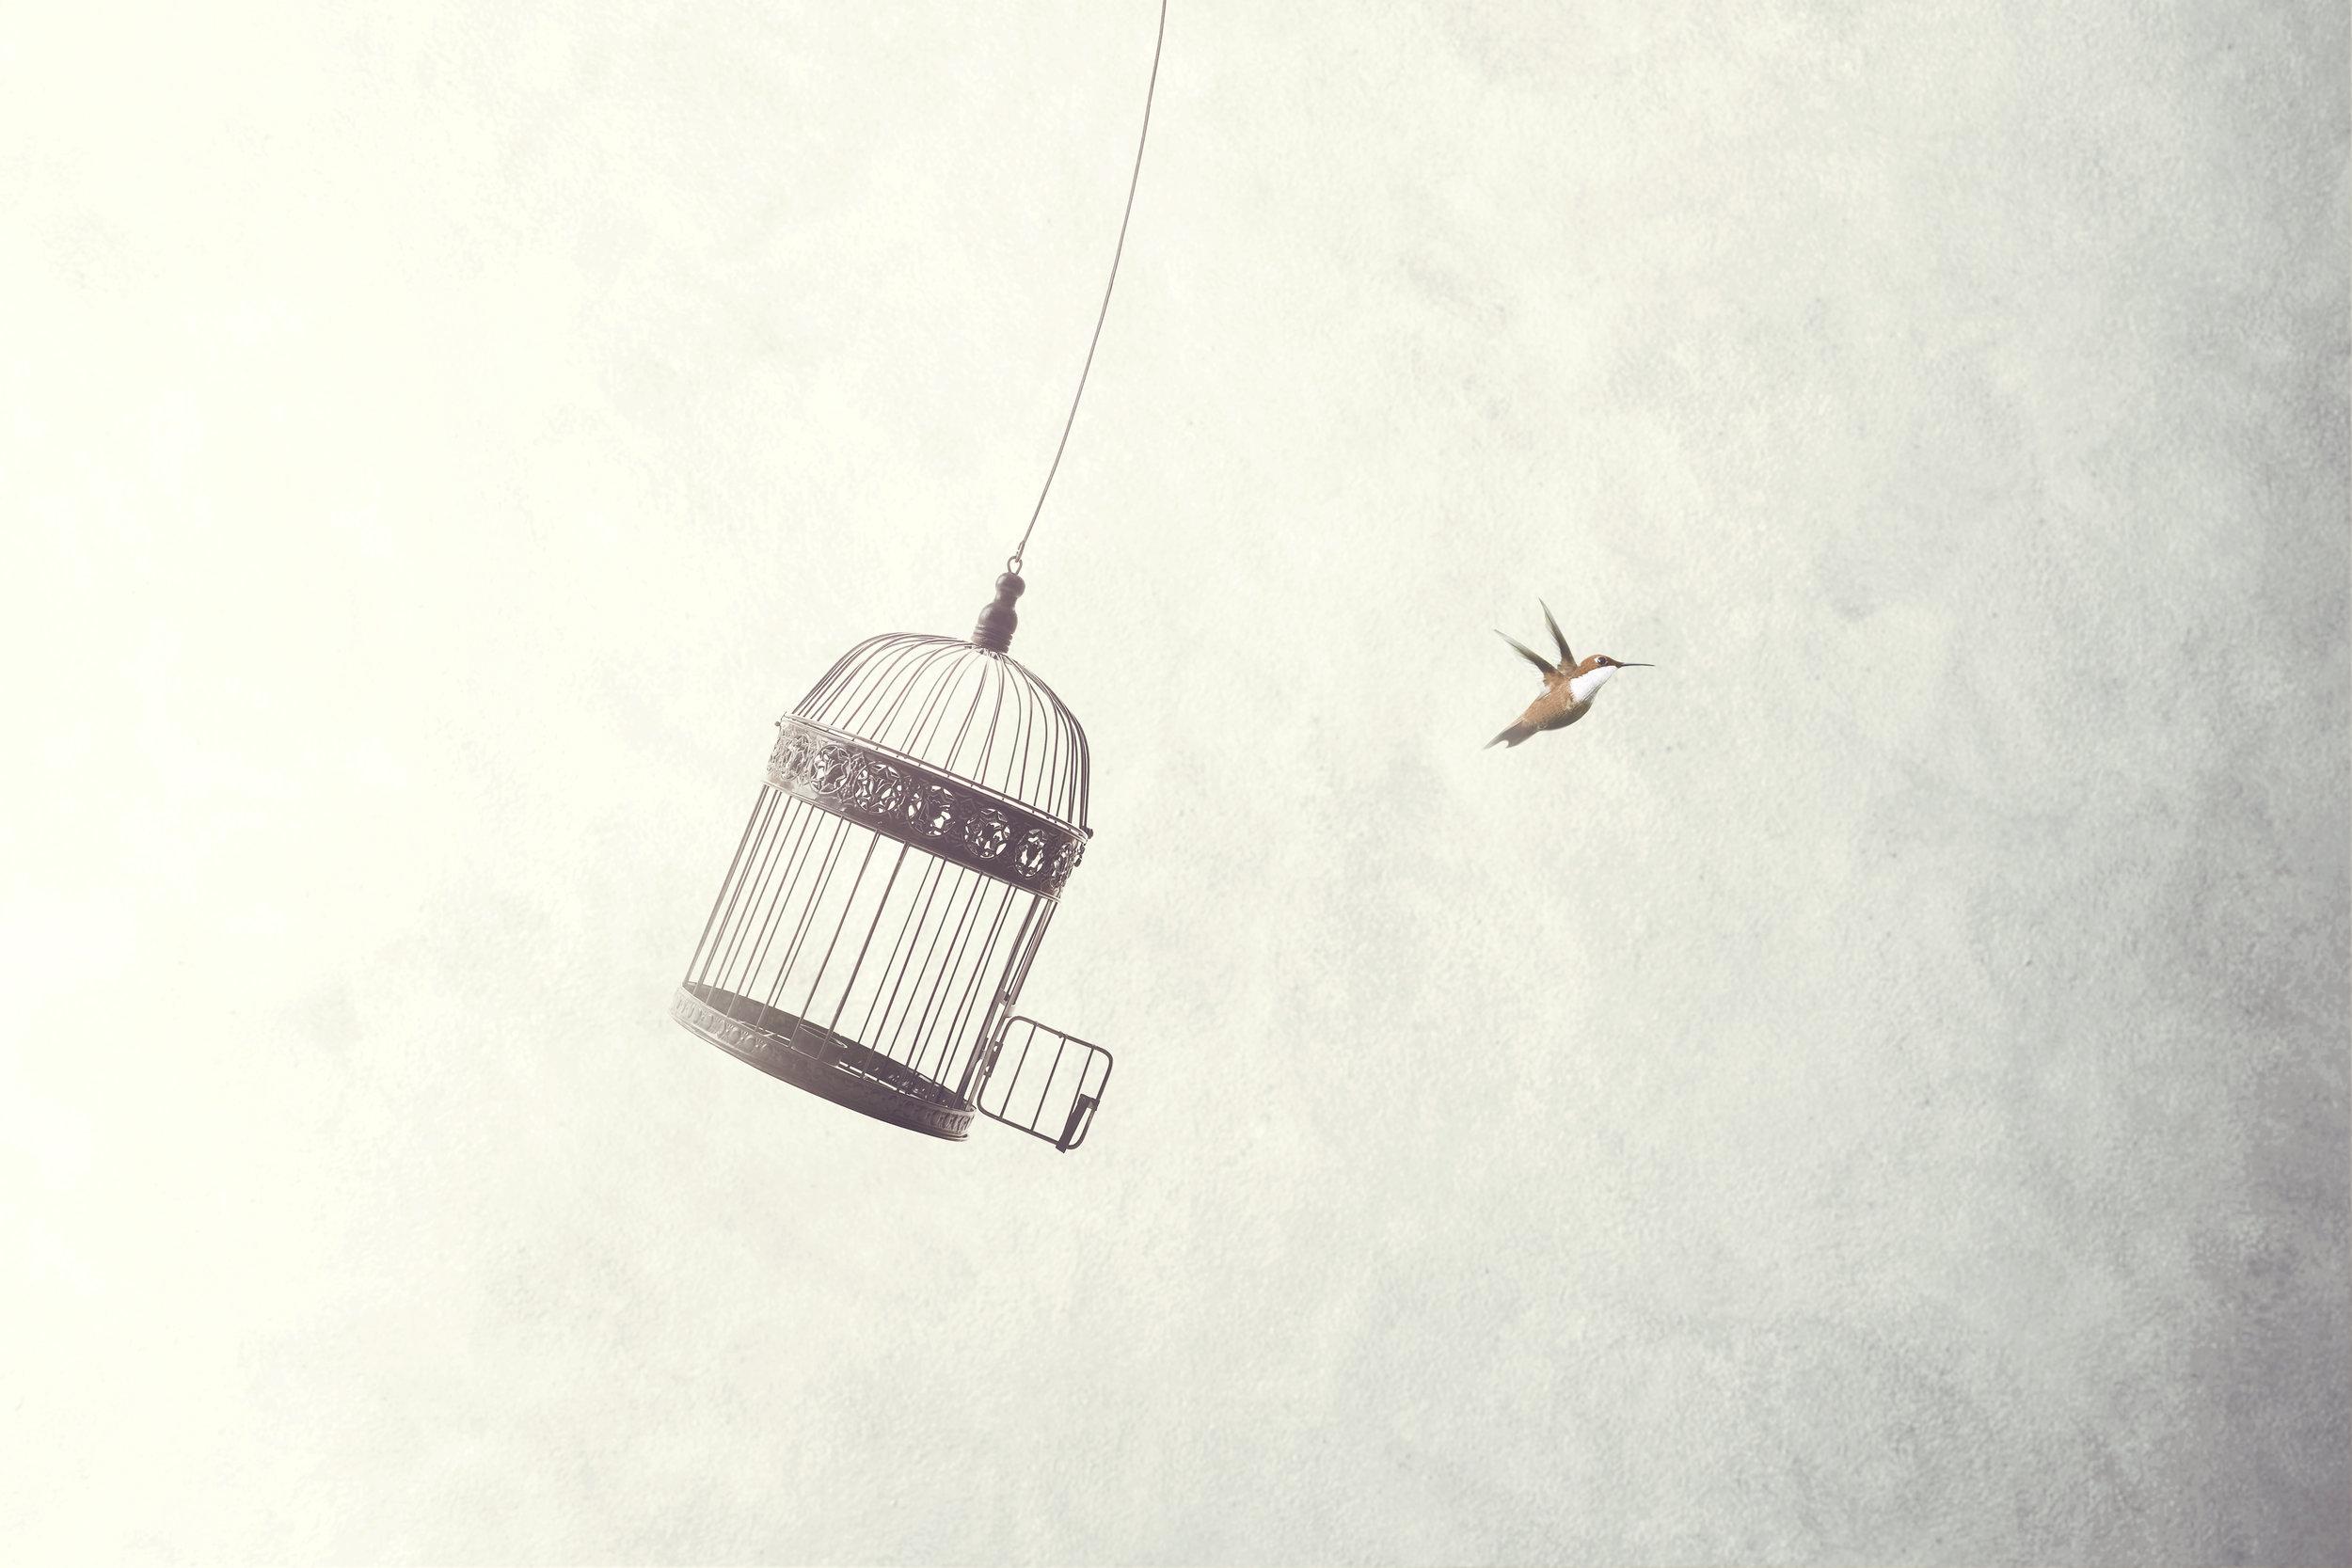 shutterstock_bird.jpg